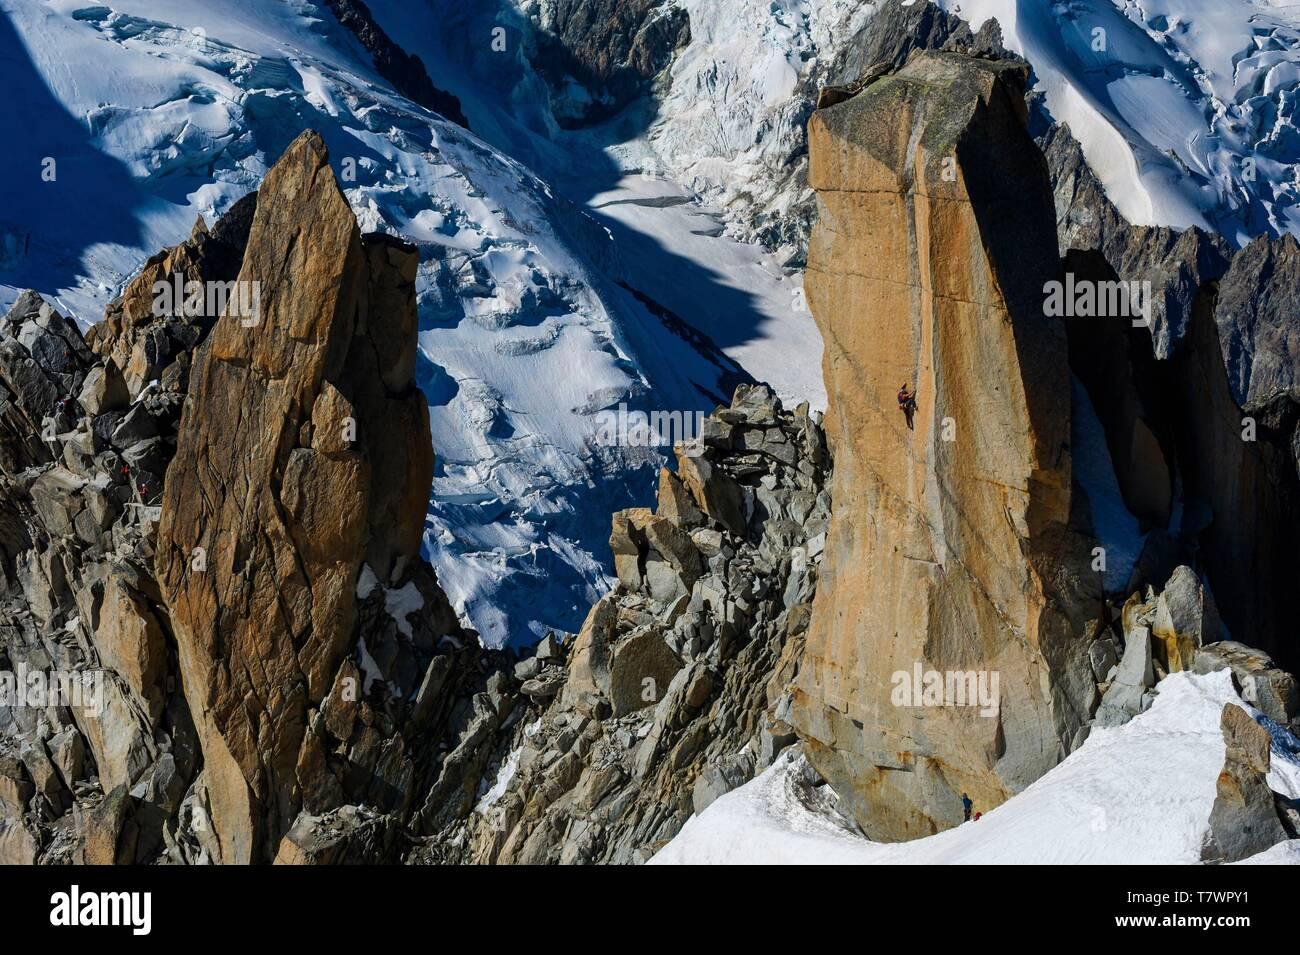 France, Haute-Savoie, Chamonix-Mont-Blanc, aiguille du Midi, climbing route of Digital Crack, 8a+ - Stock Image